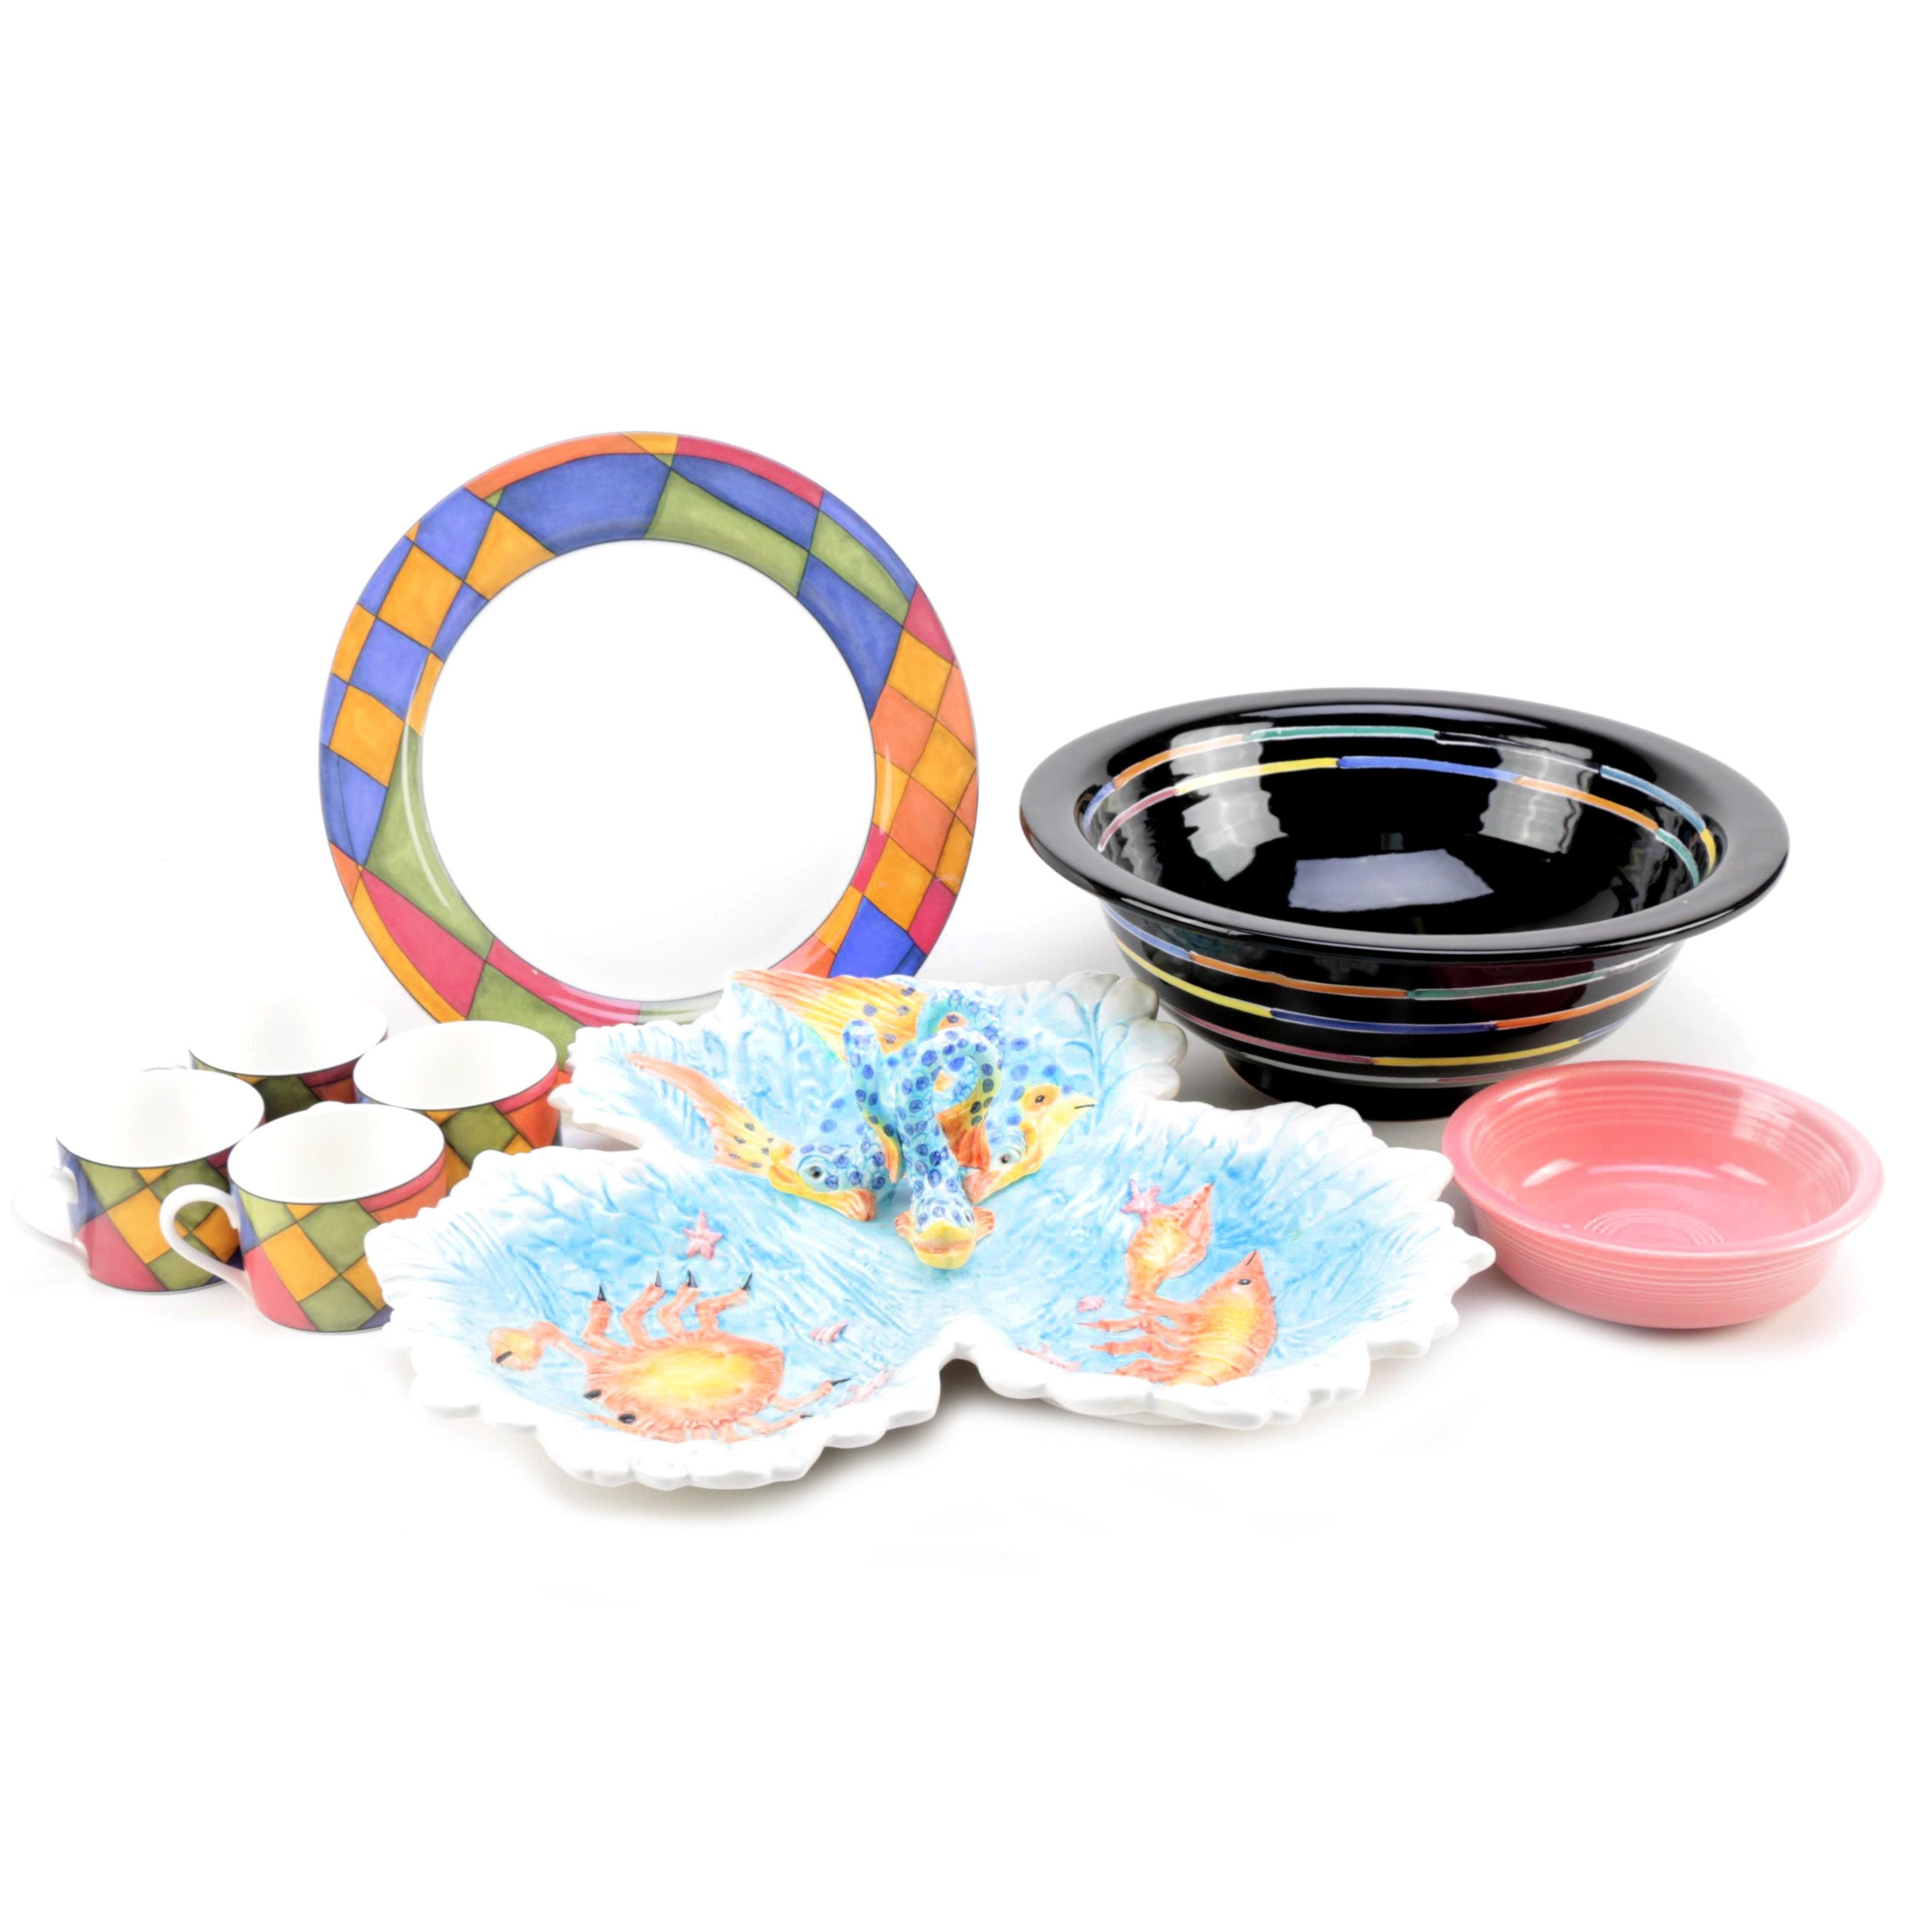 Ceramic Dishes Featuring Deruta and Fiesta